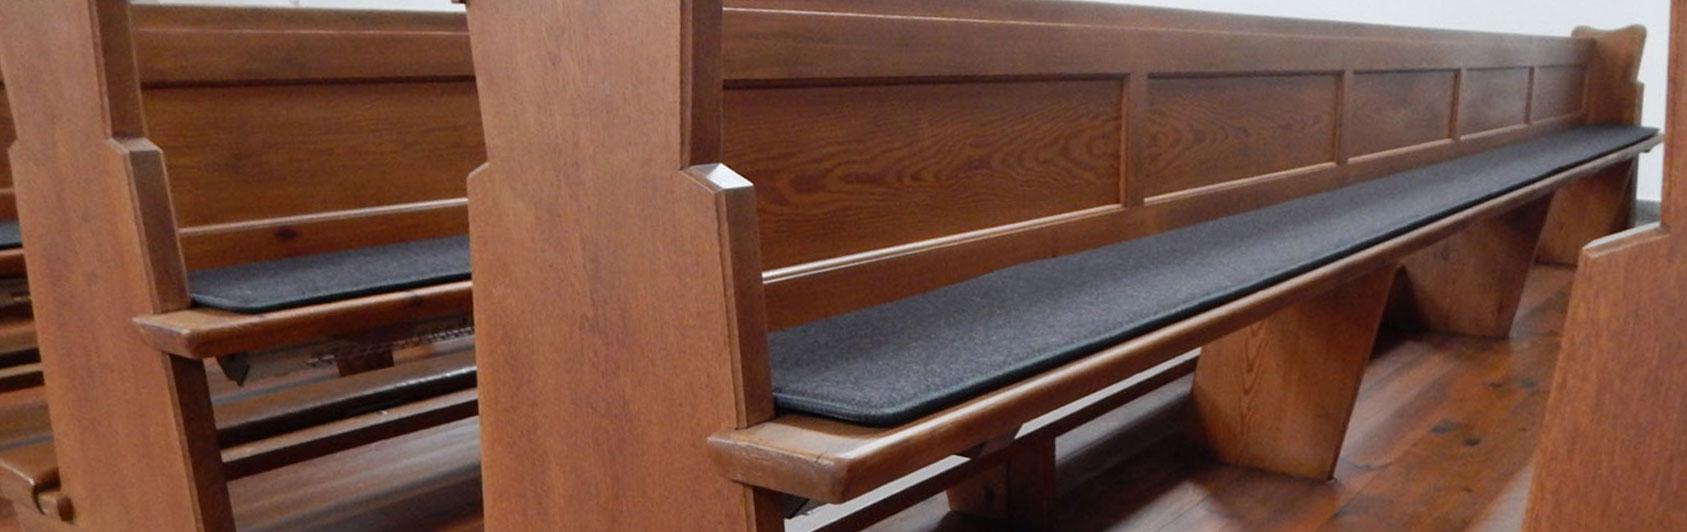 banc d'église notre coussin qualité feutre